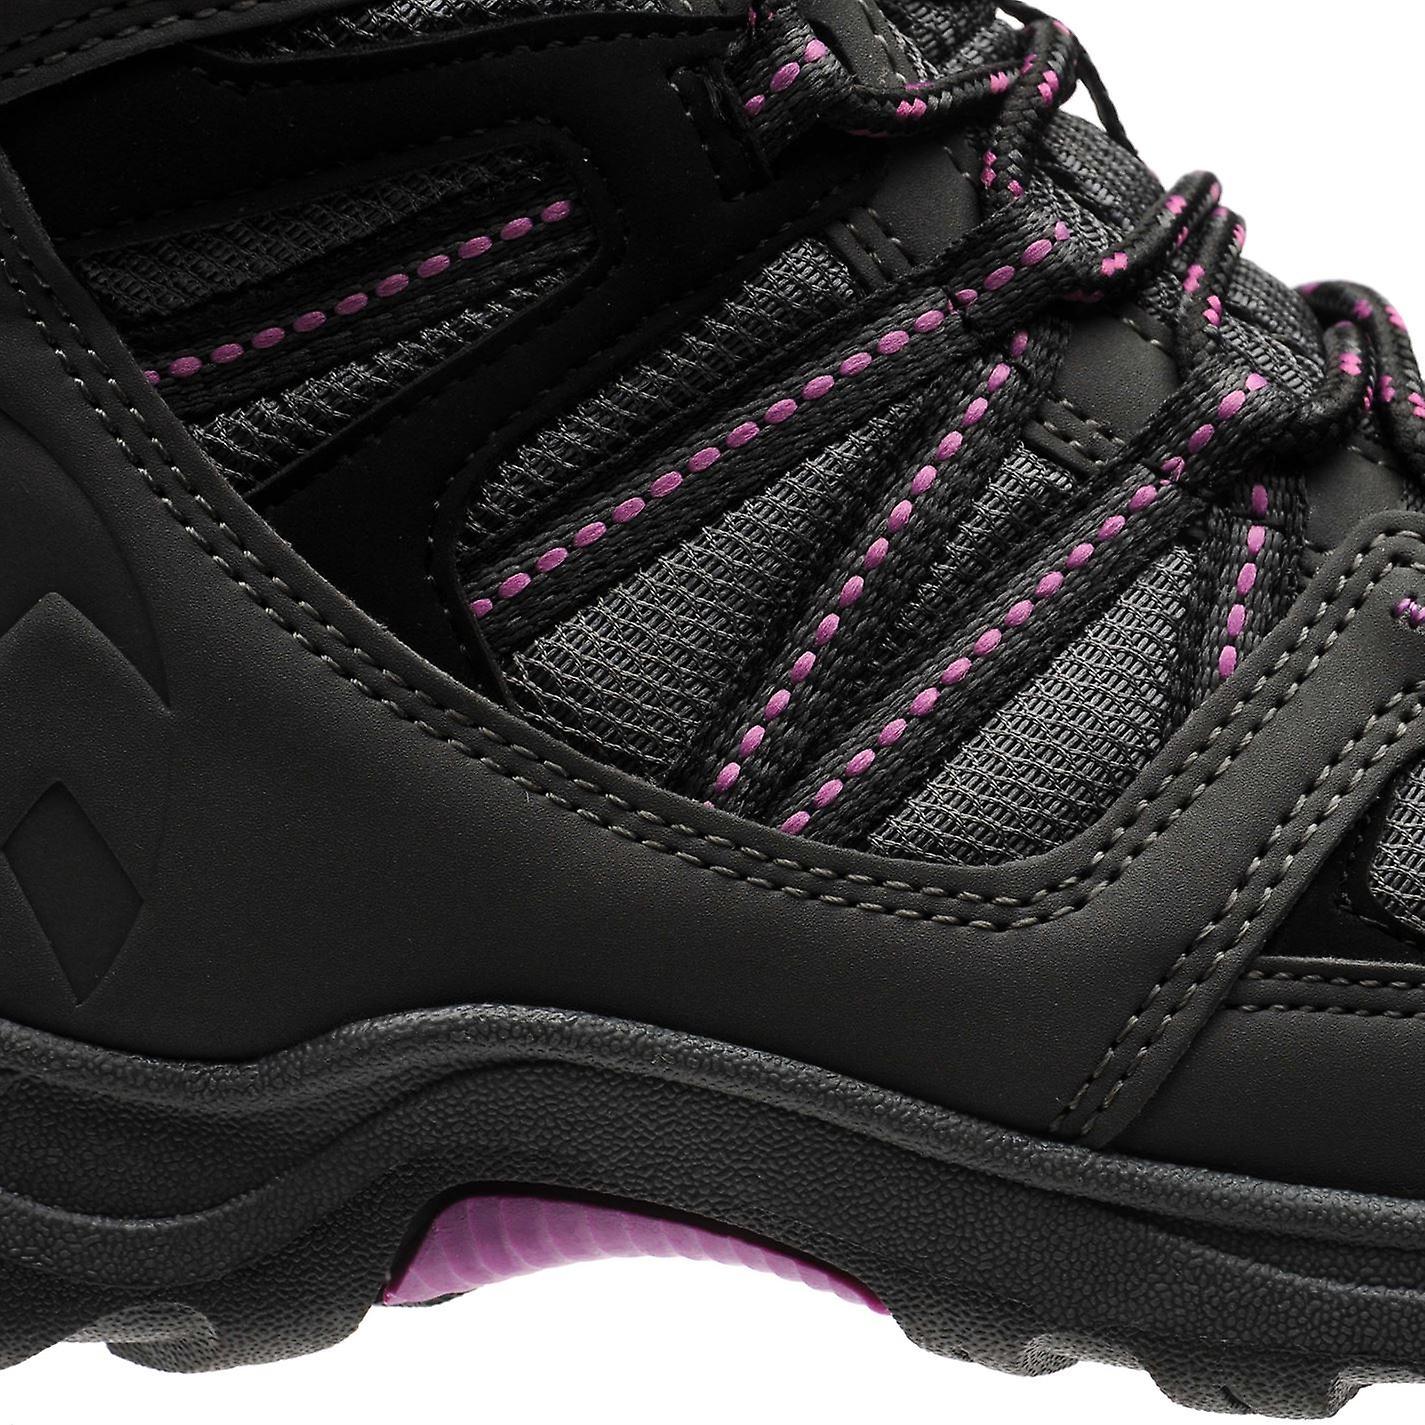 Gelert damskie Skido spaceru buty sznurowane kostki wyściełany kołnierz buty Ryxoe